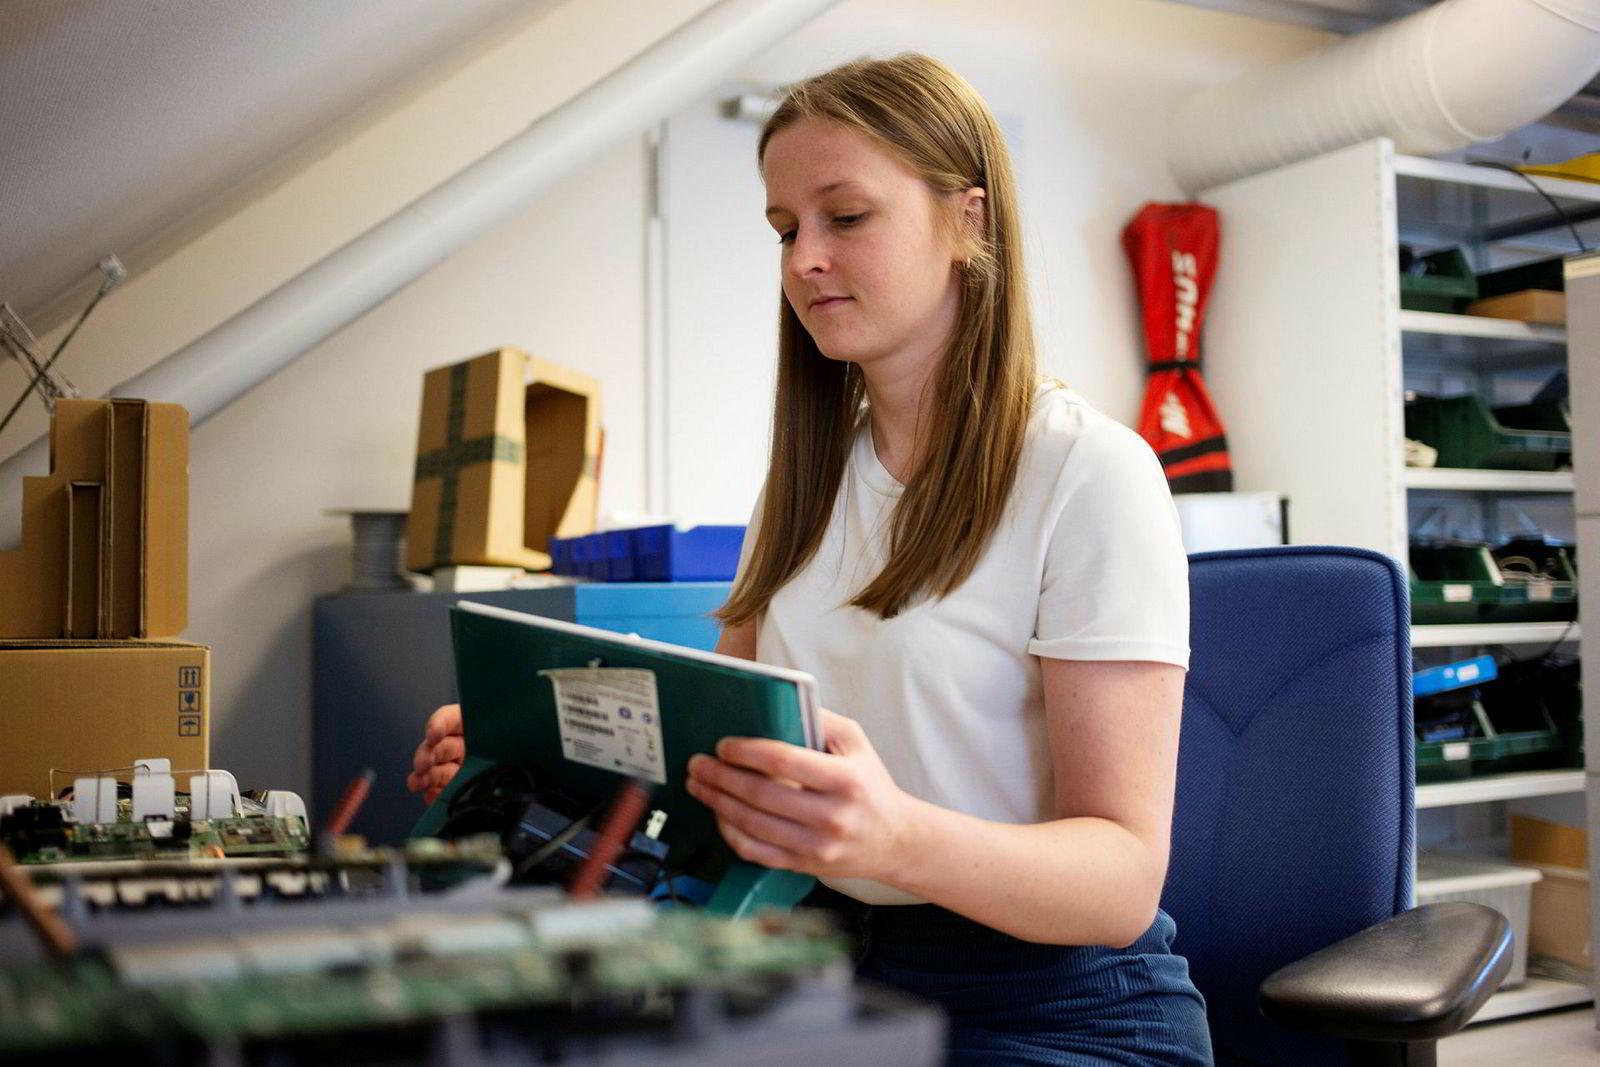 Masterstudent Anniken Wium Lie har sittet mye på datalab og pirket på forskjellige komponenter i boksen som kommuniserer med pacemakere via internett.